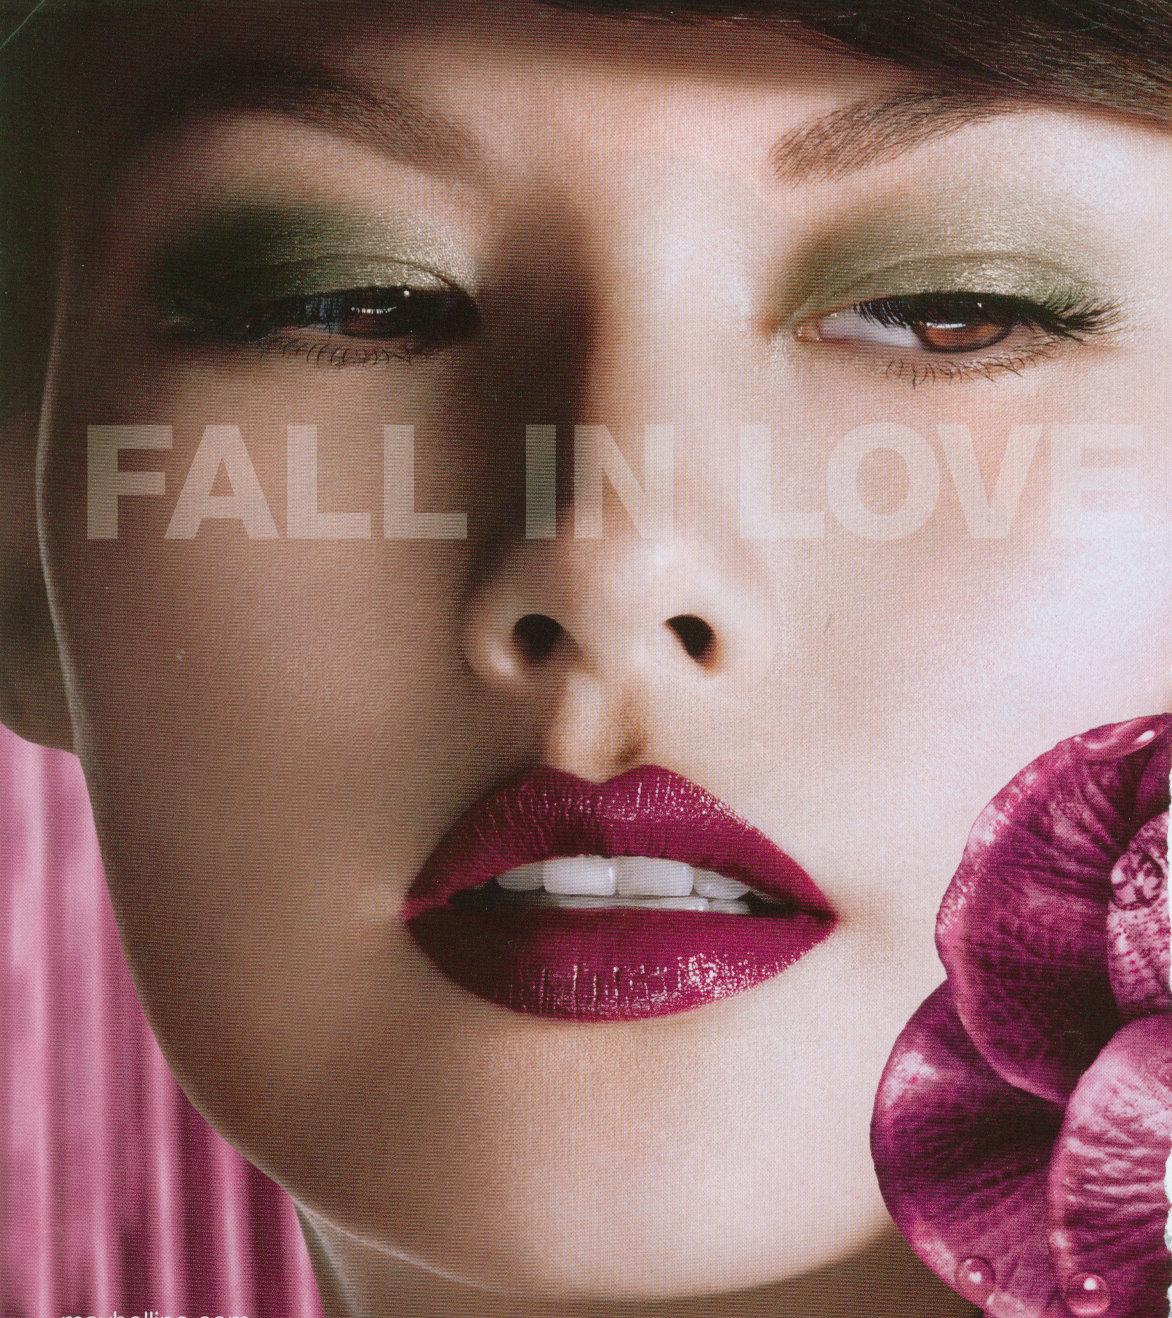 http://3.bp.blogspot.com/_F6xqbY9bM44/TPvaQ4FVqRI/AAAAAAAACBU/hIaGjD18eok/s1600/maybelline+ad+-green+eyeshadow%252C+mauve+lips.jpg